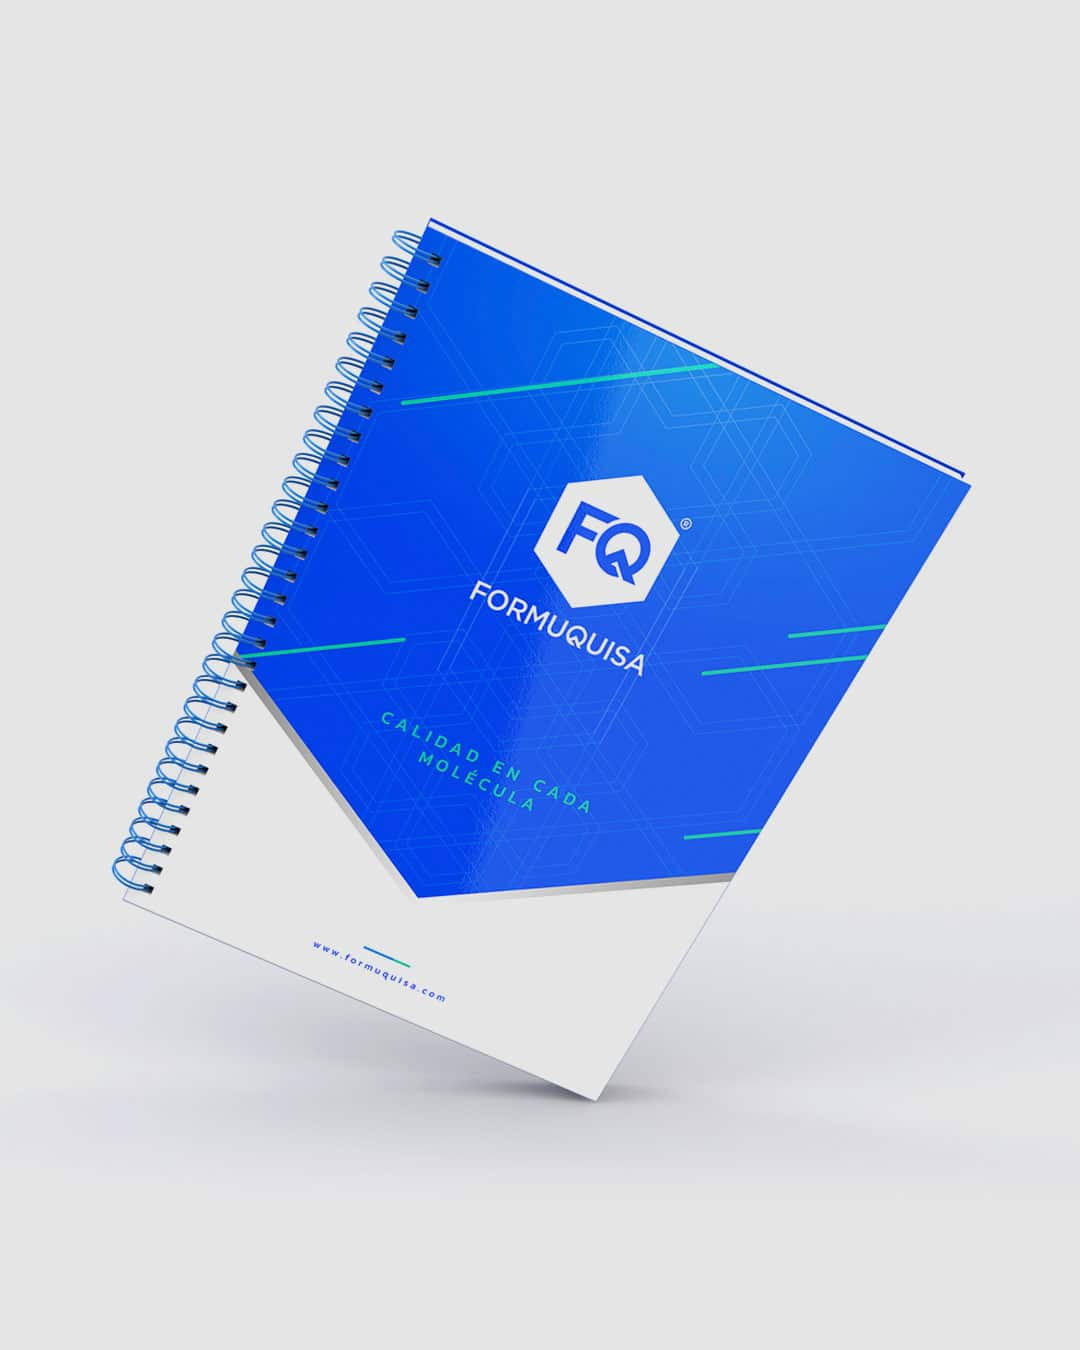 Formuquisa - Diseño Comercial - Uniko